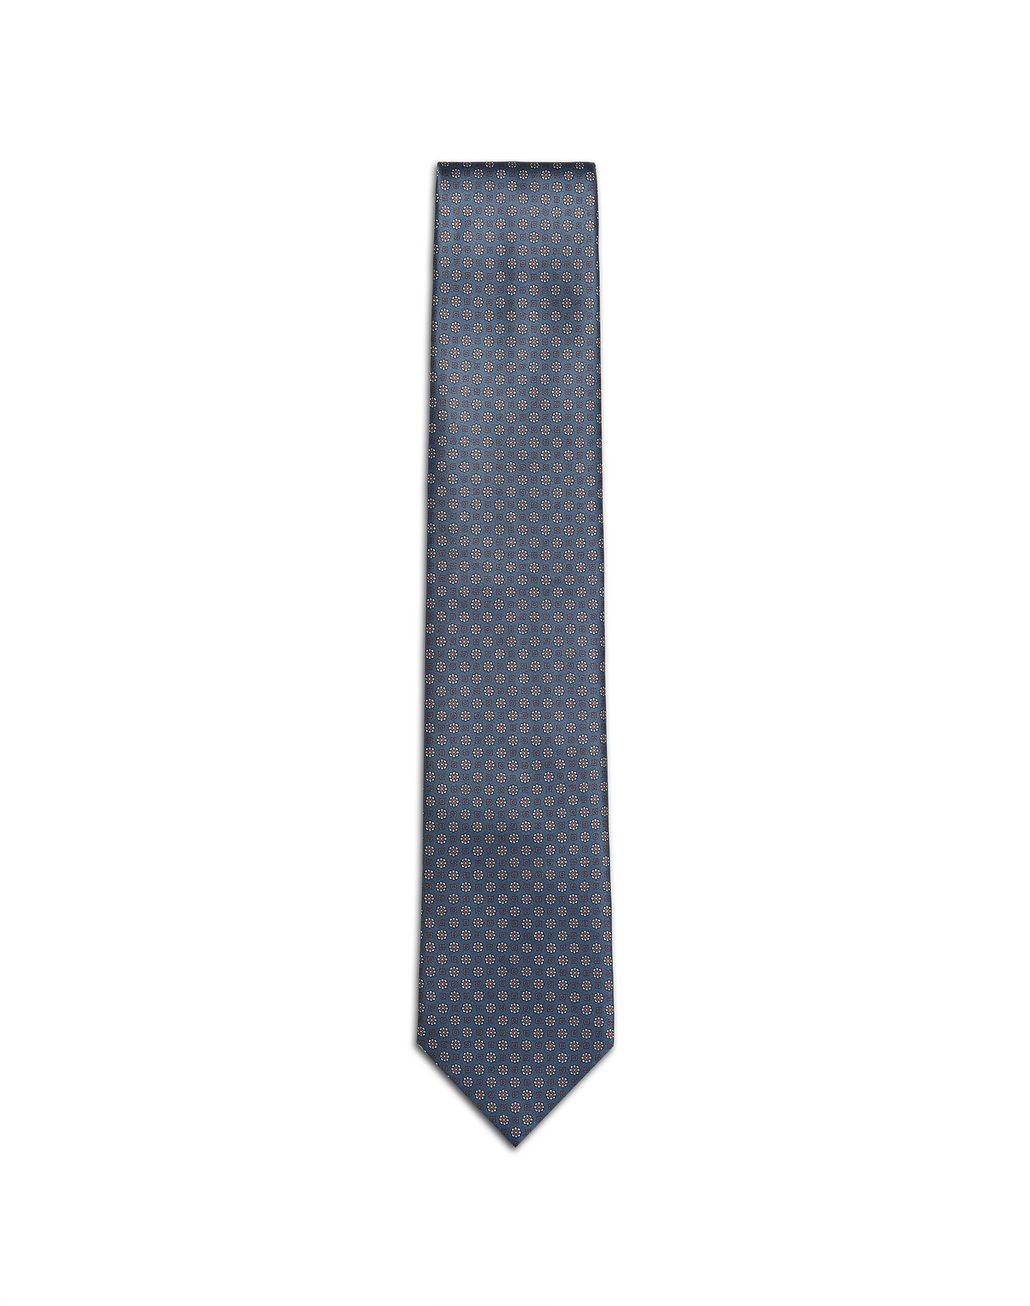 BRIONI Cravatta Bluette con Microfantasia Cravatta Uomo f